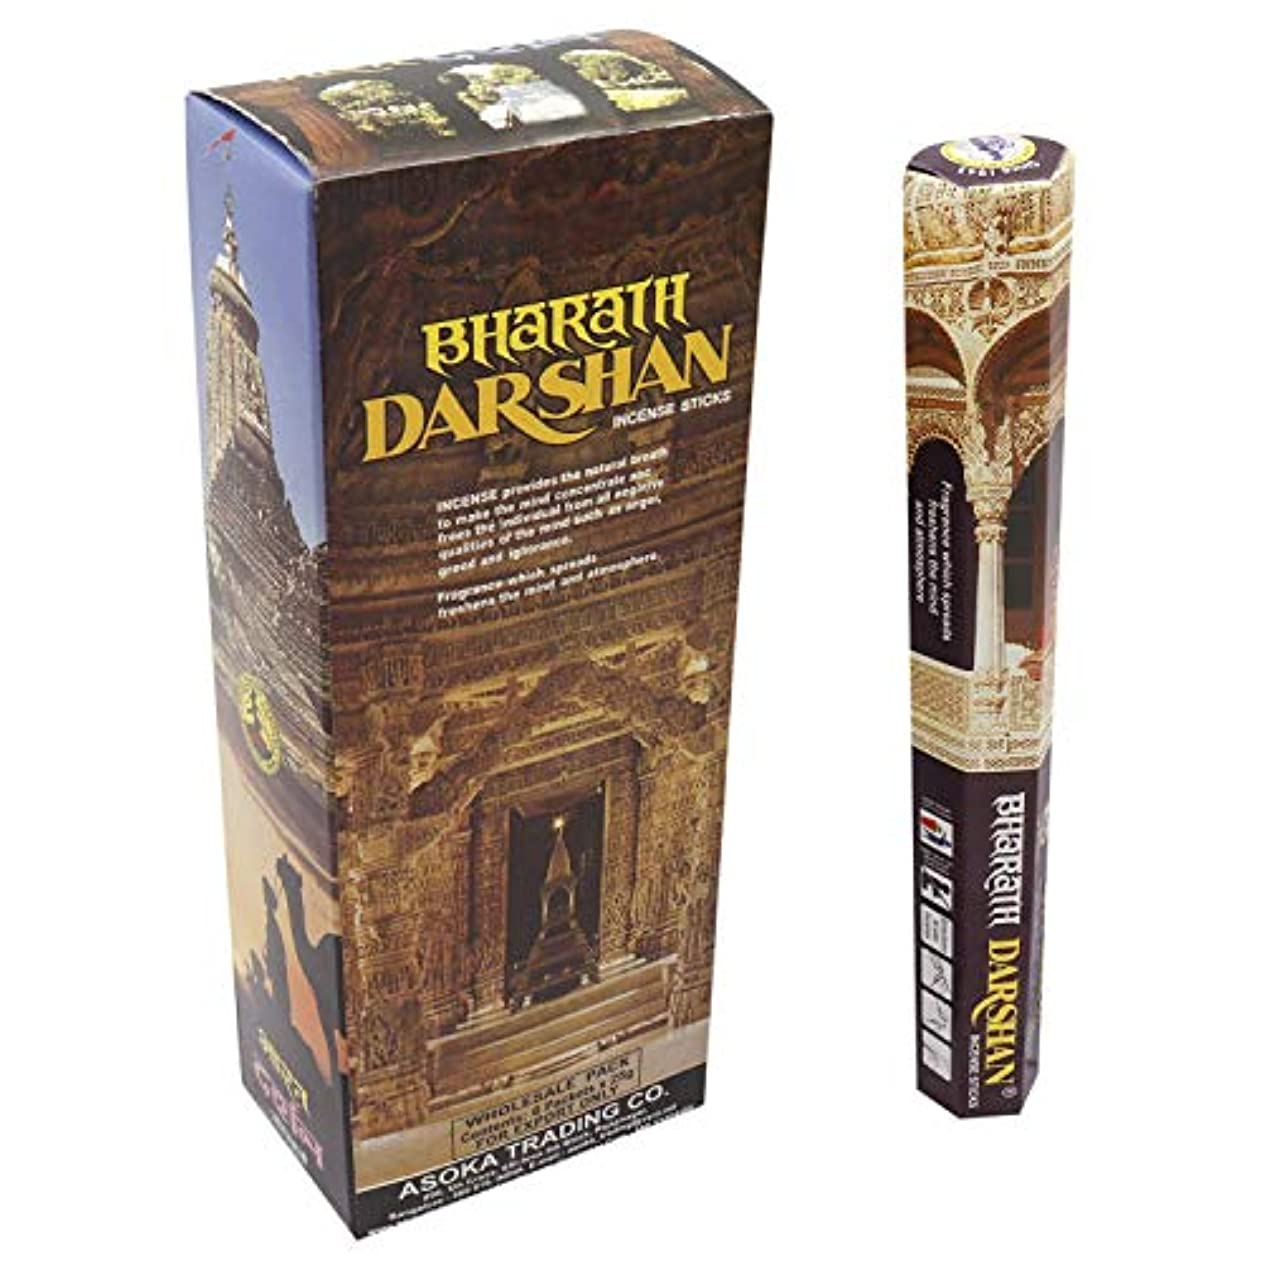 本体アスペクト傑出したBharat Darshan 6 pkt of 18 Sticks Each (Contains 108 Incense Sticks/Natural Agarbatti) with Free Wooden Incense/agarbatti Stand with Brass Work.   Export Quality